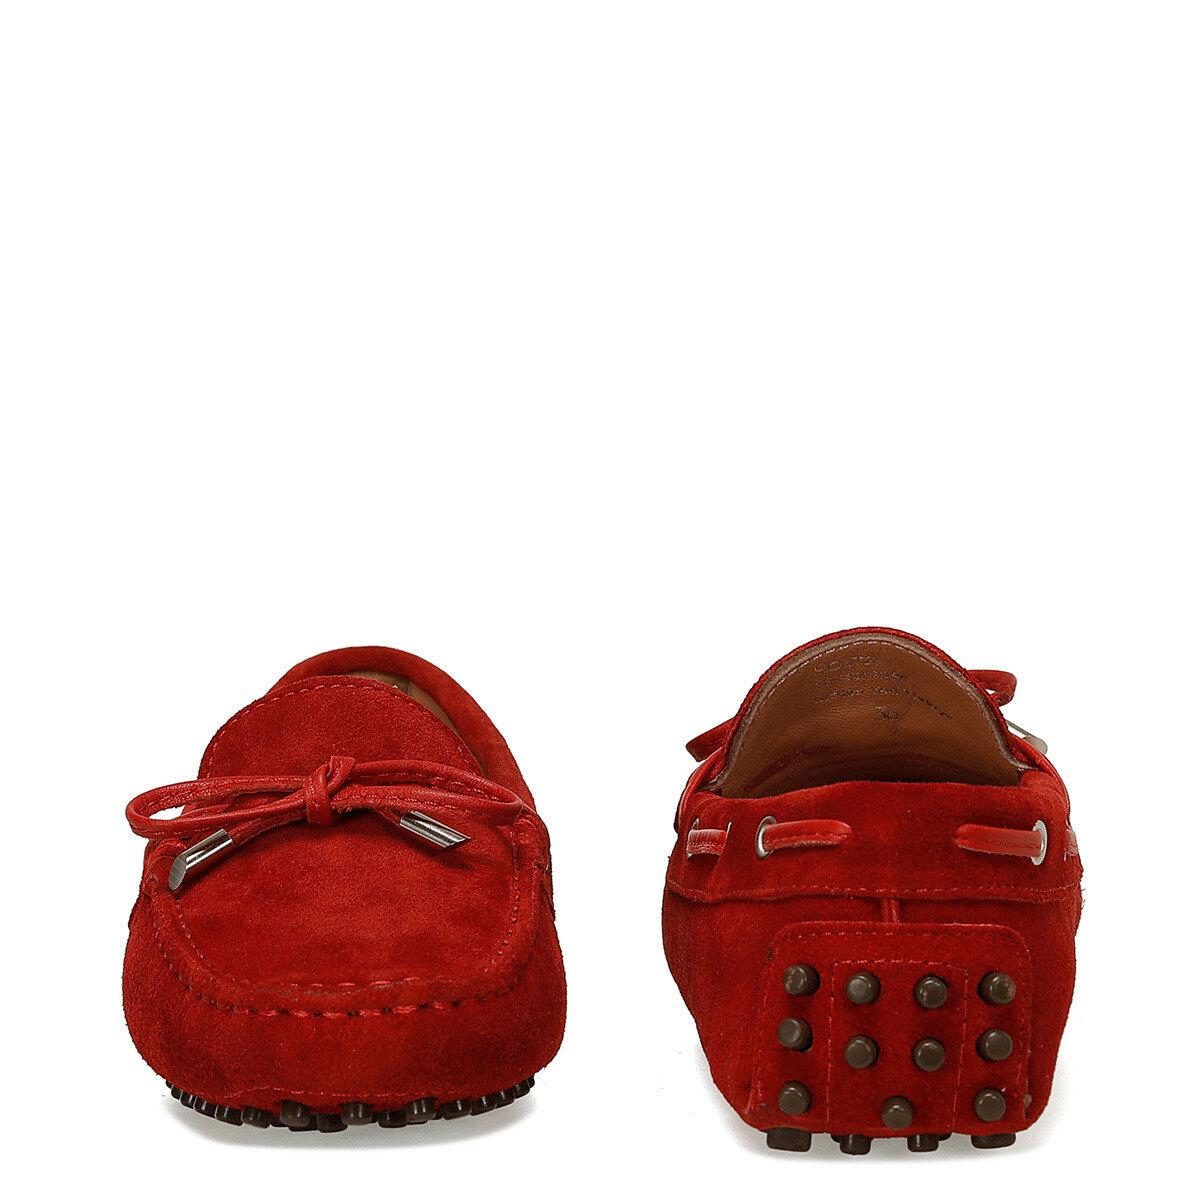 HOLT2 Kırmızı Kadın Loafer Ayakkabı